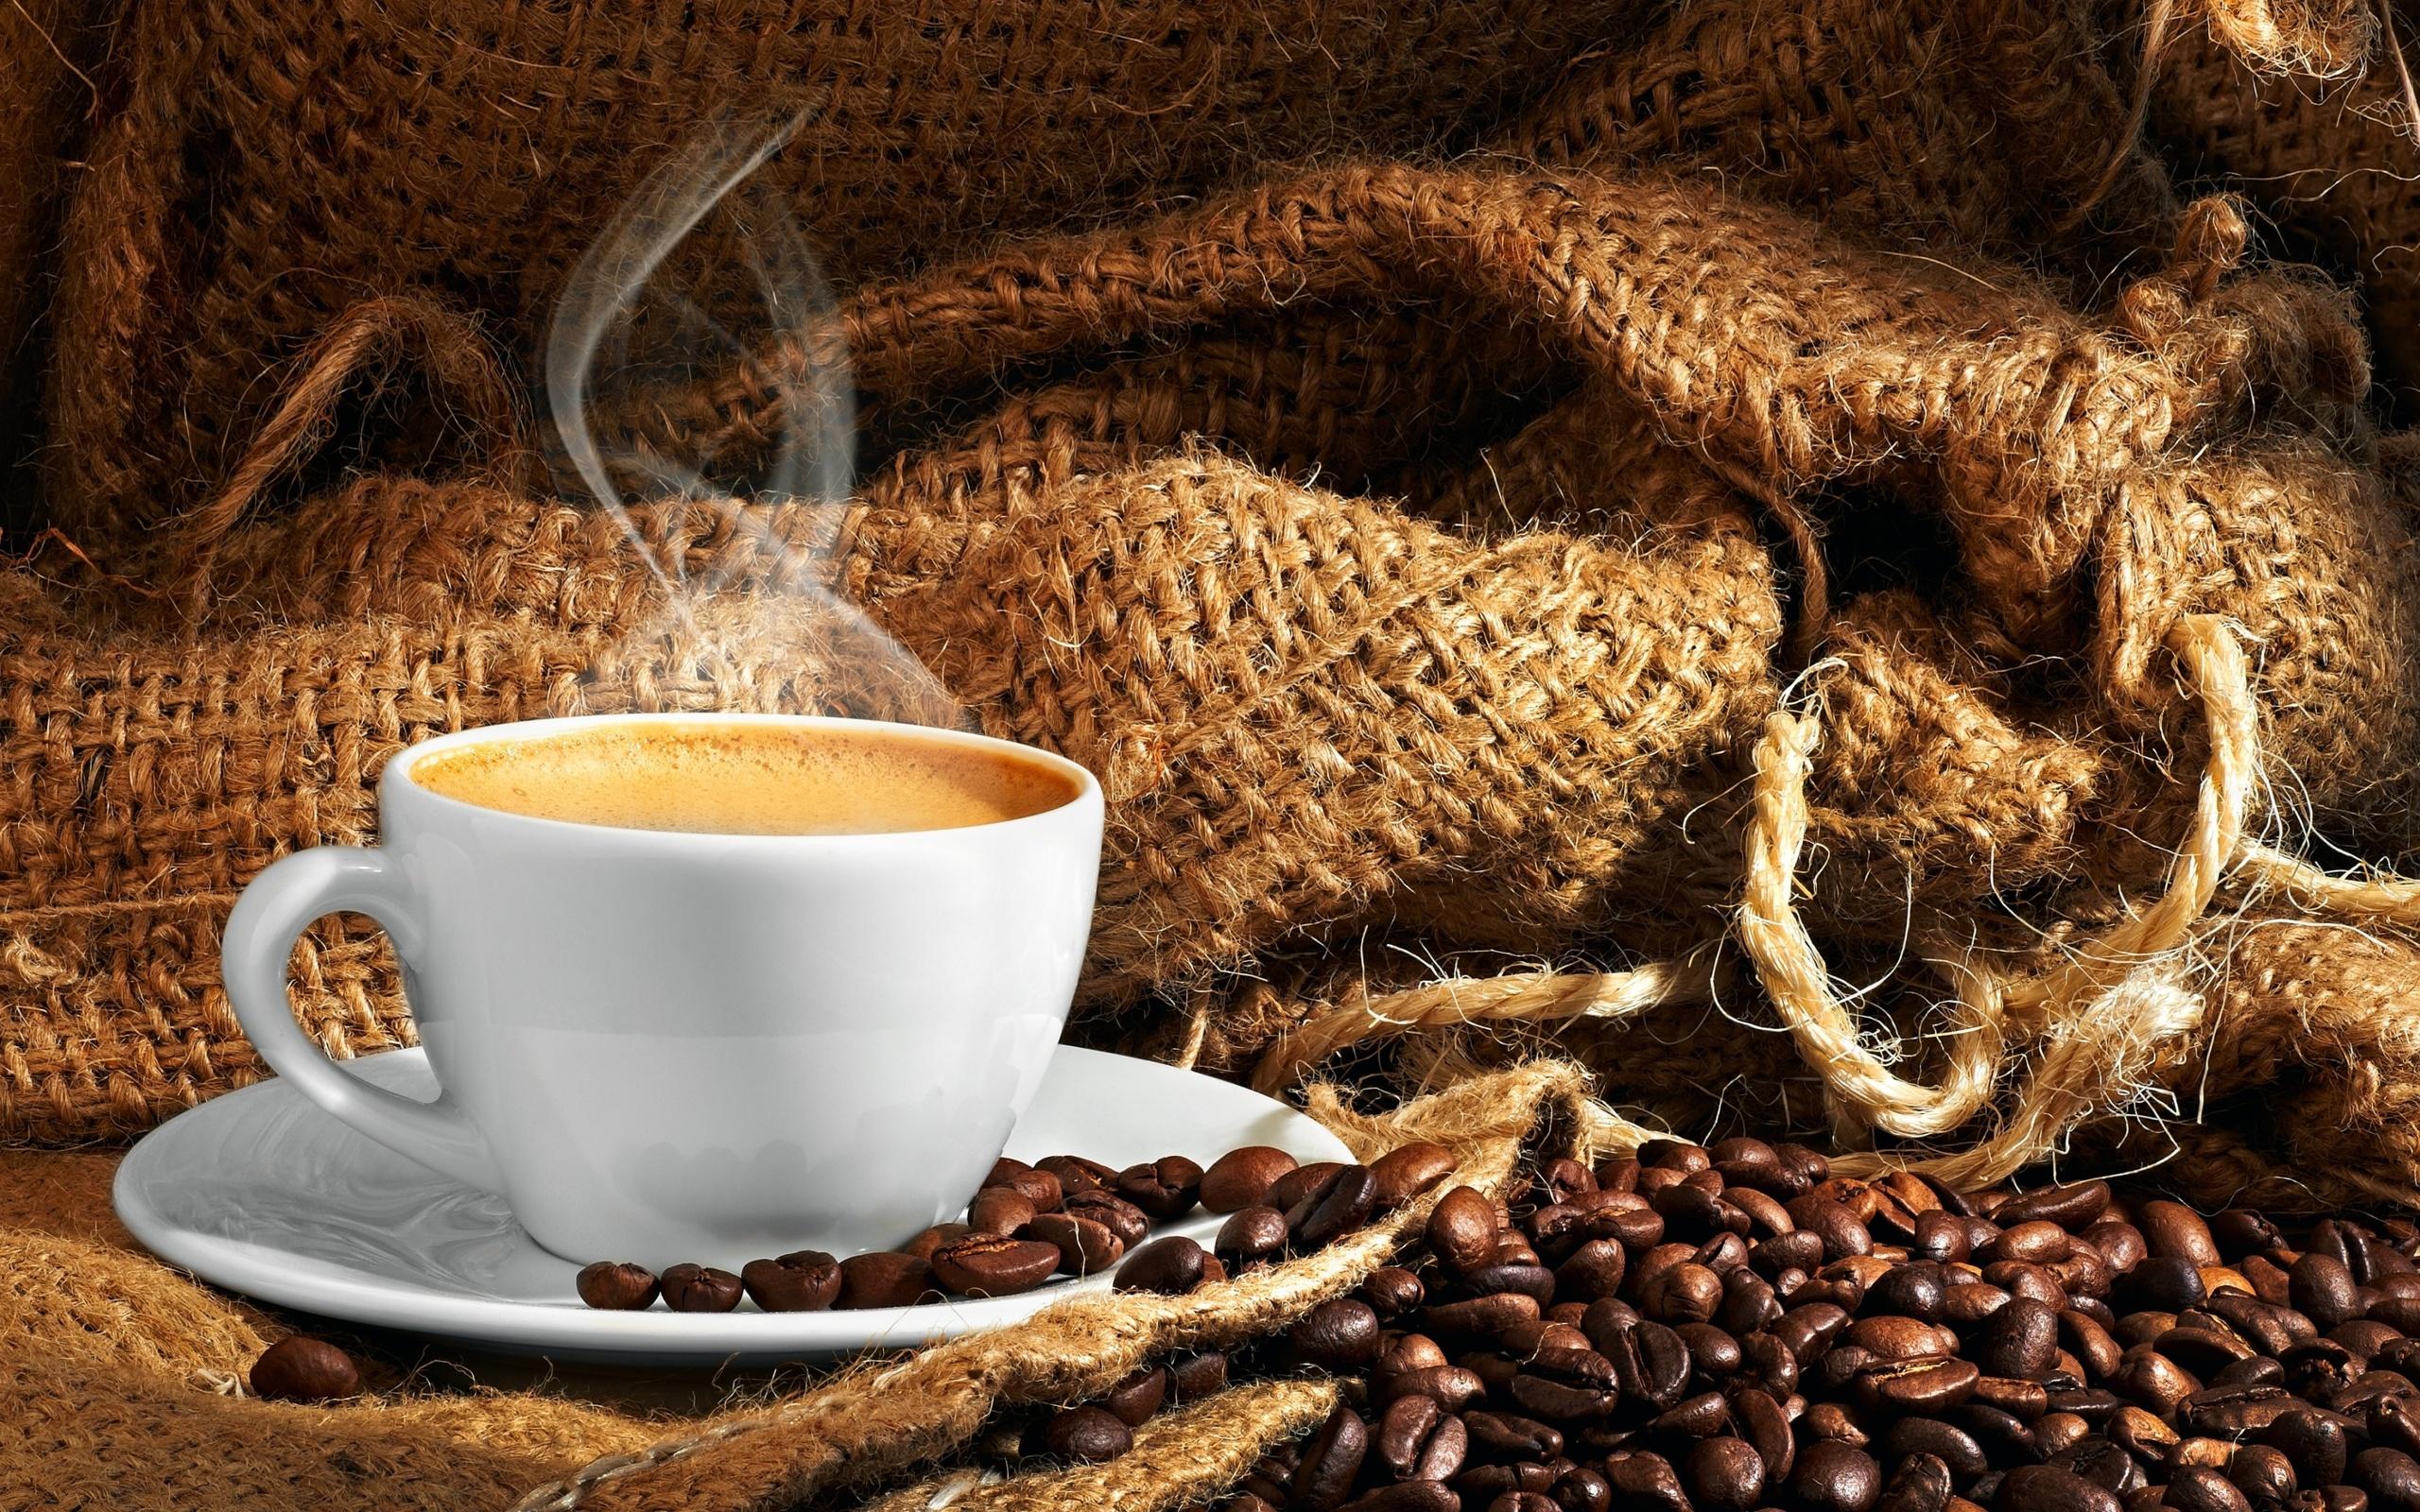 Врач рассказал о неожиданной пользе кофе 6